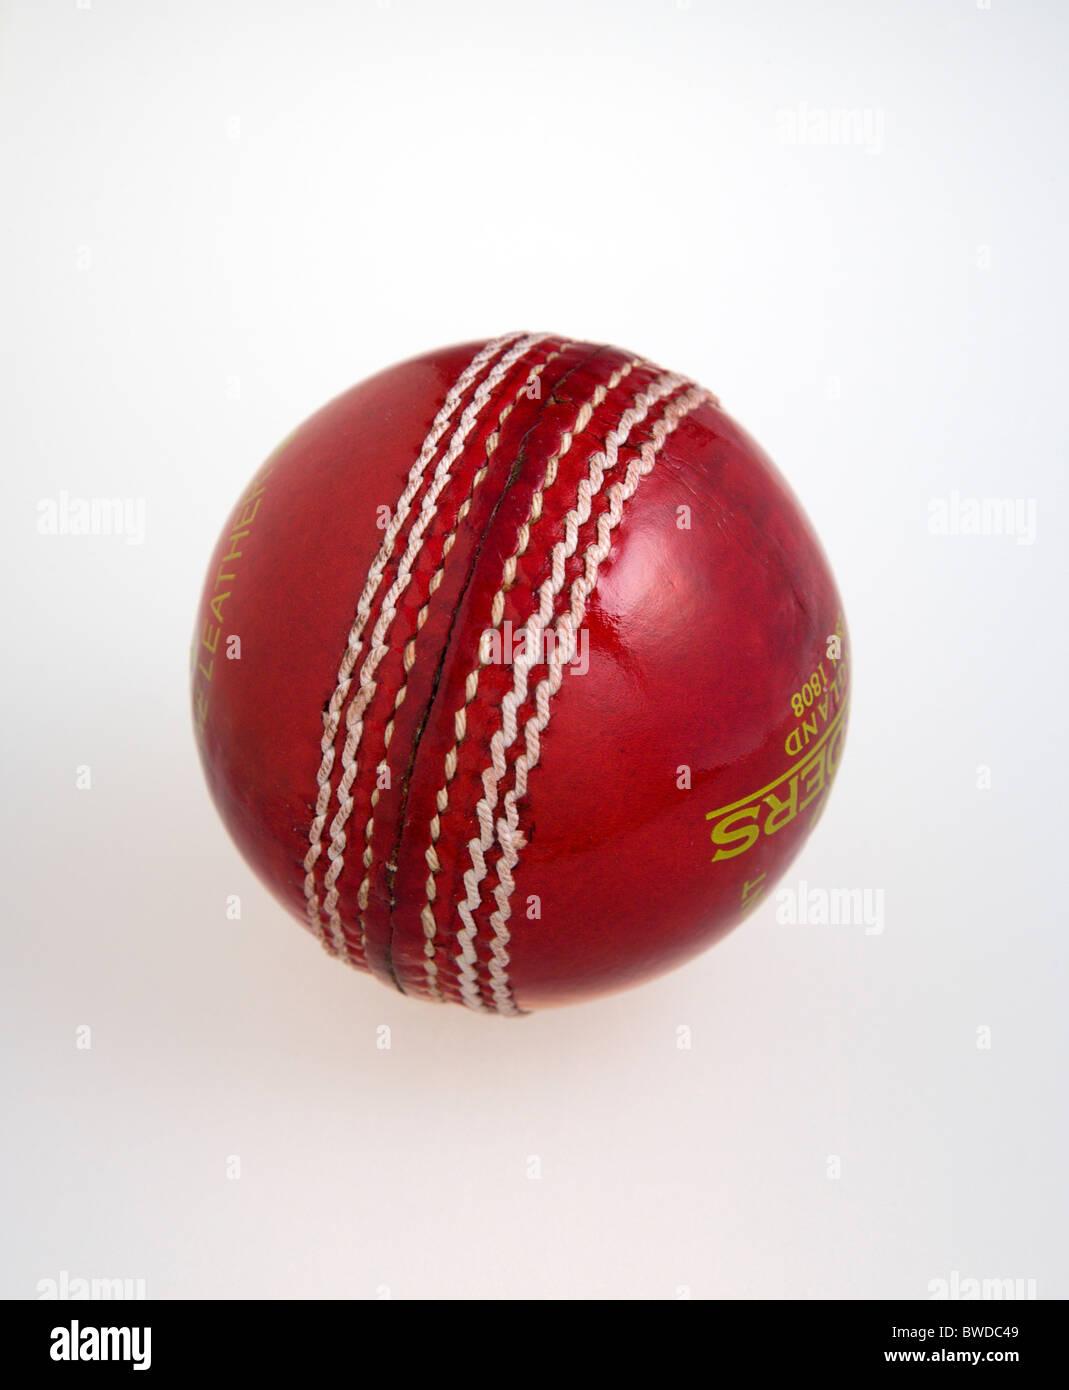 Sport, giochi con la palla, cricket, rosso cucito a mano in pelle di sfera di cricket su uno sfondo bianco. Immagini Stock